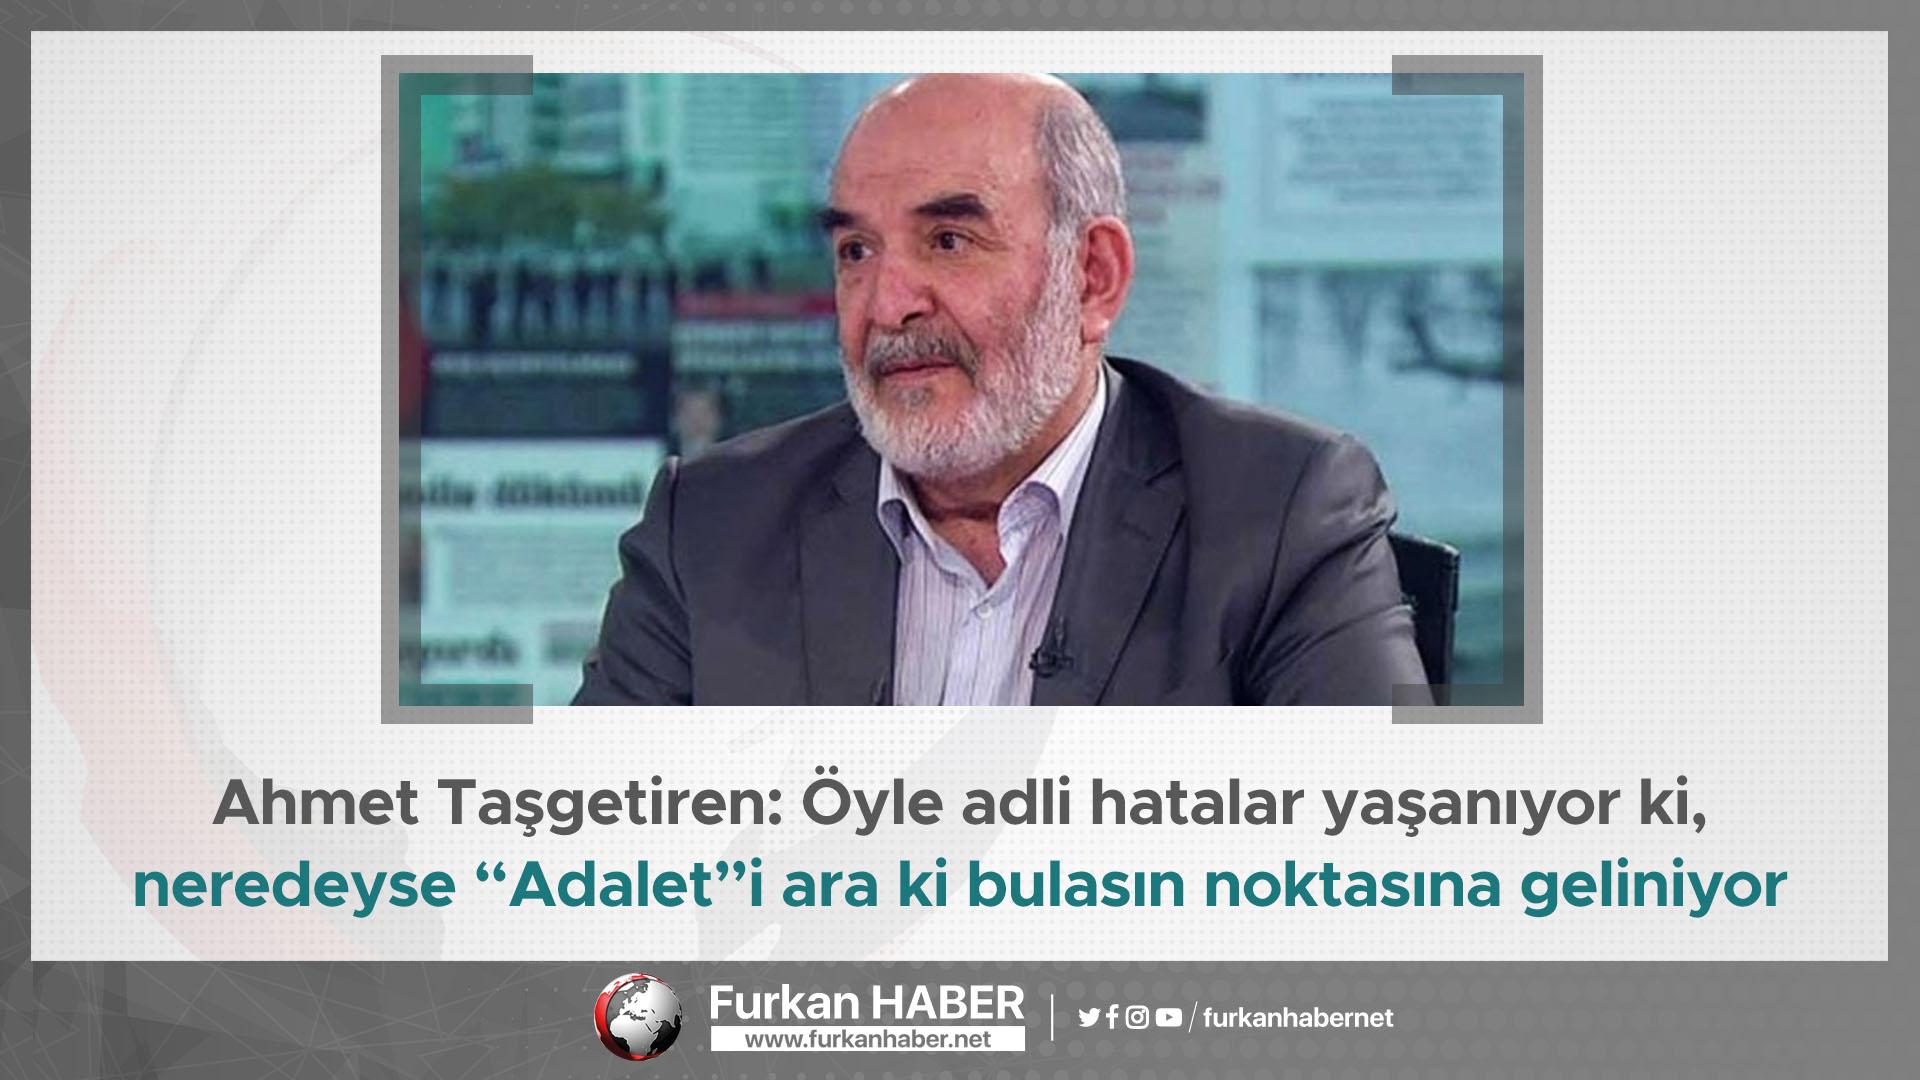 """Ahmet Taşgetiren: Öyle adli hatalar yaşanıyor ki, neredeyse """"Adalet""""i ara ki bulasın noktasına geliniyor"""